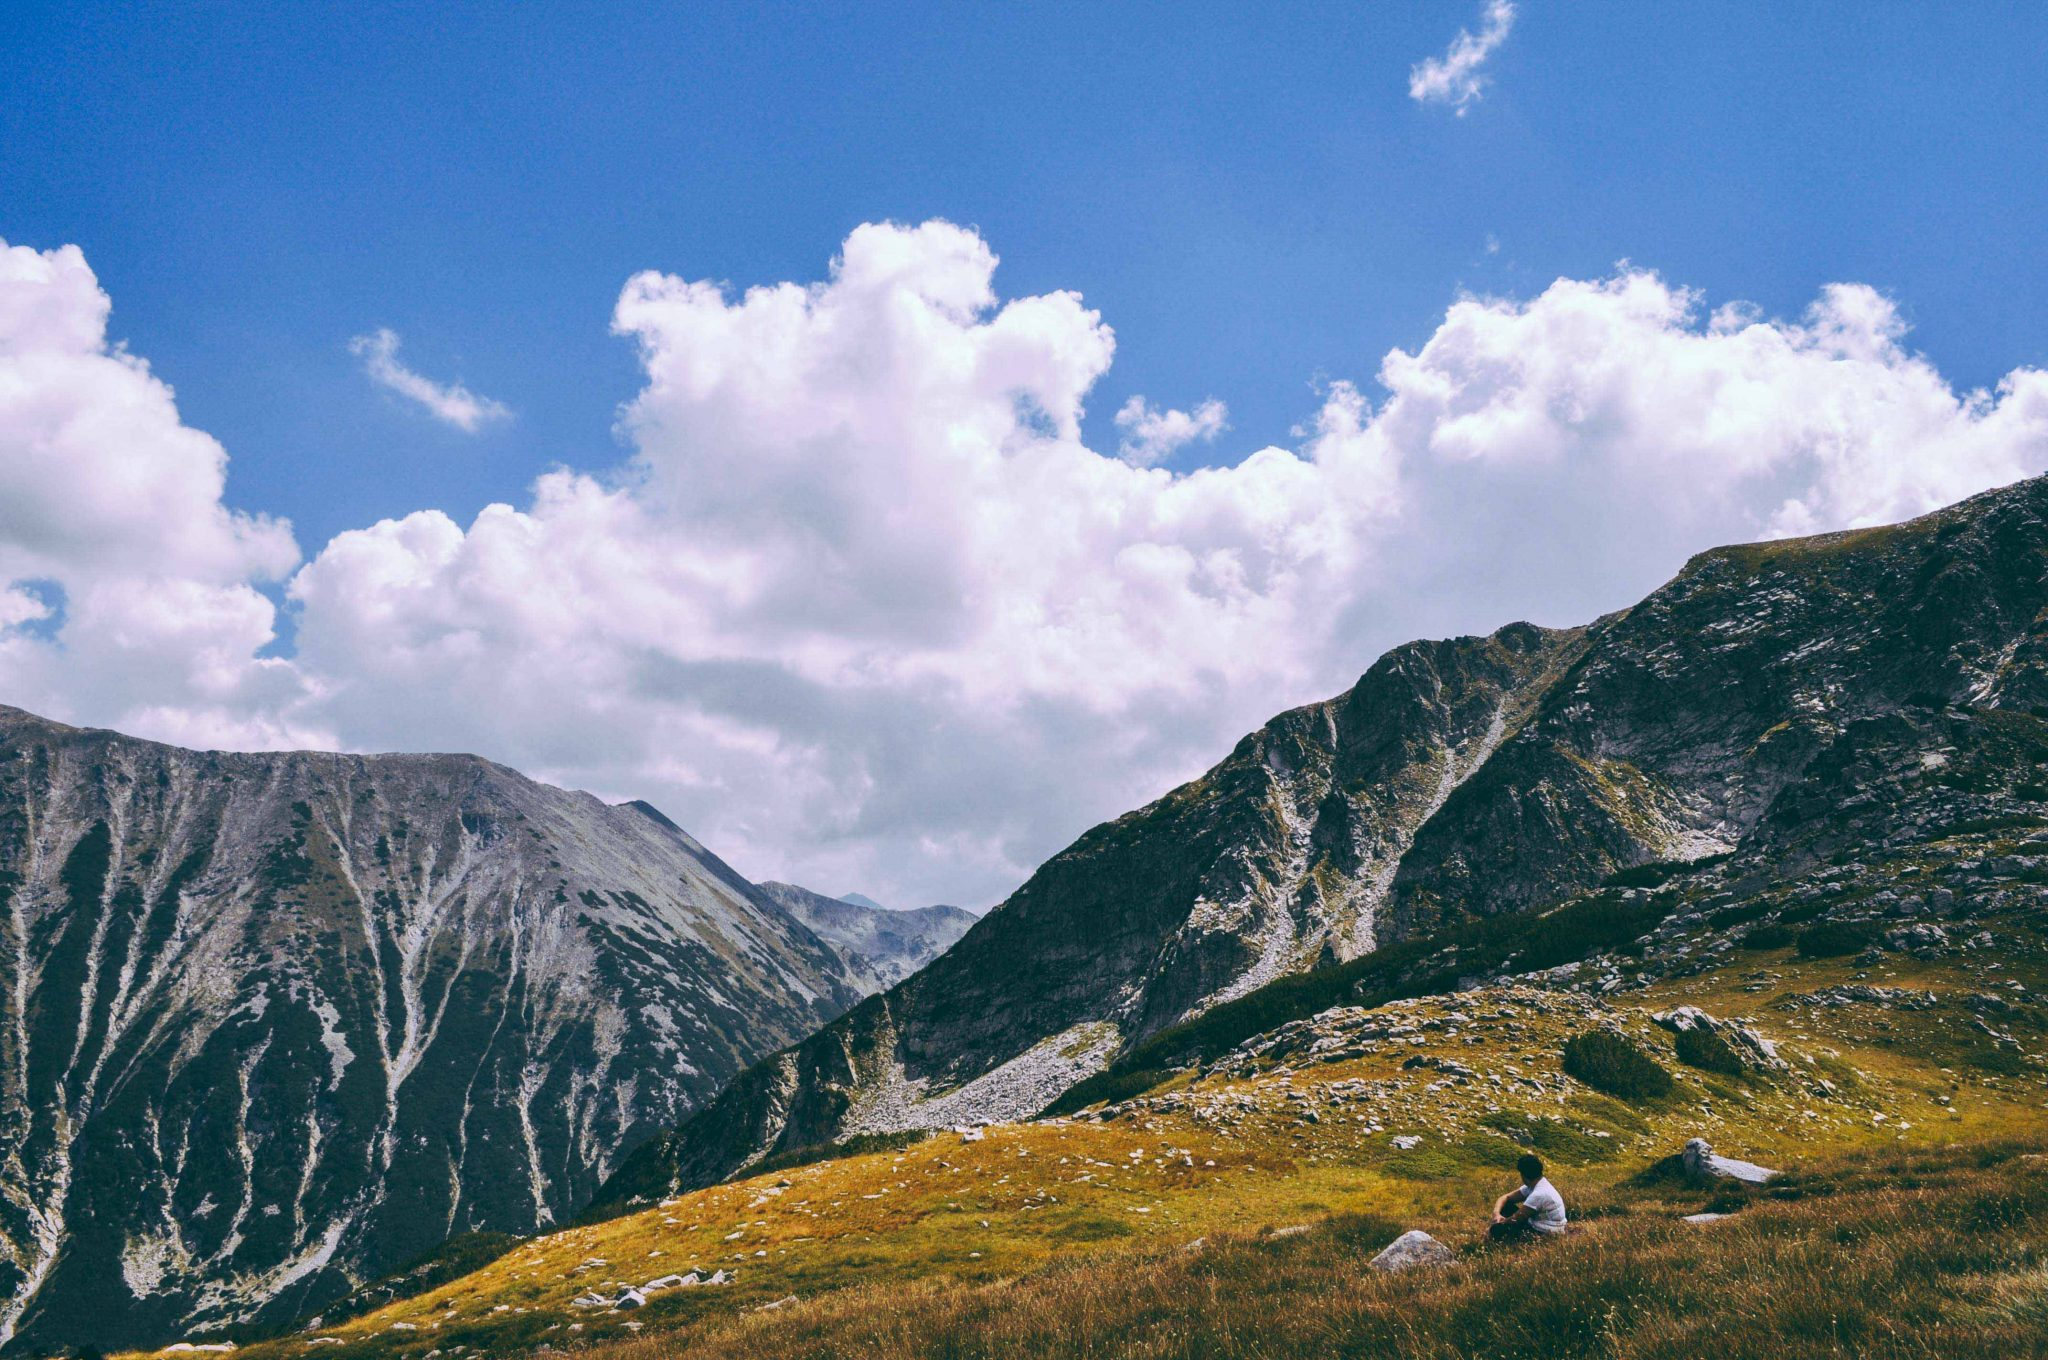 Bulgaria mountain scenic landscape